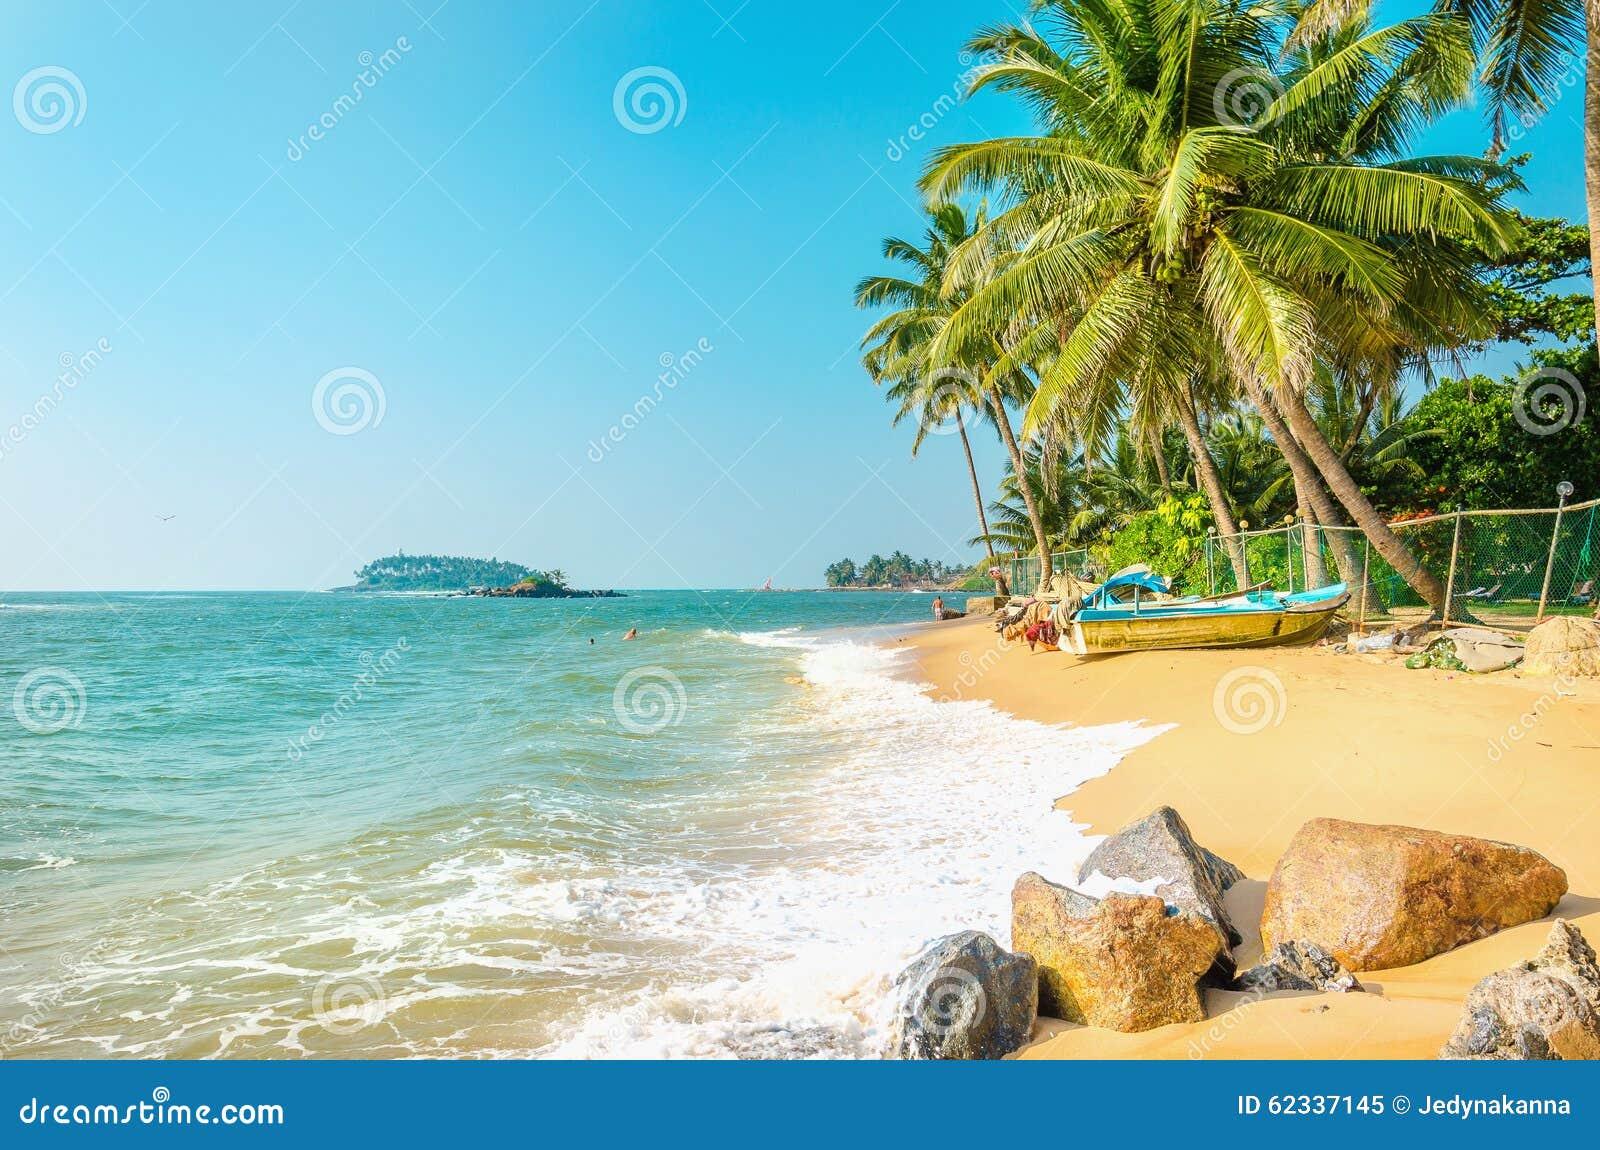 Exotisk strand mycket av palmträd och blå himmel